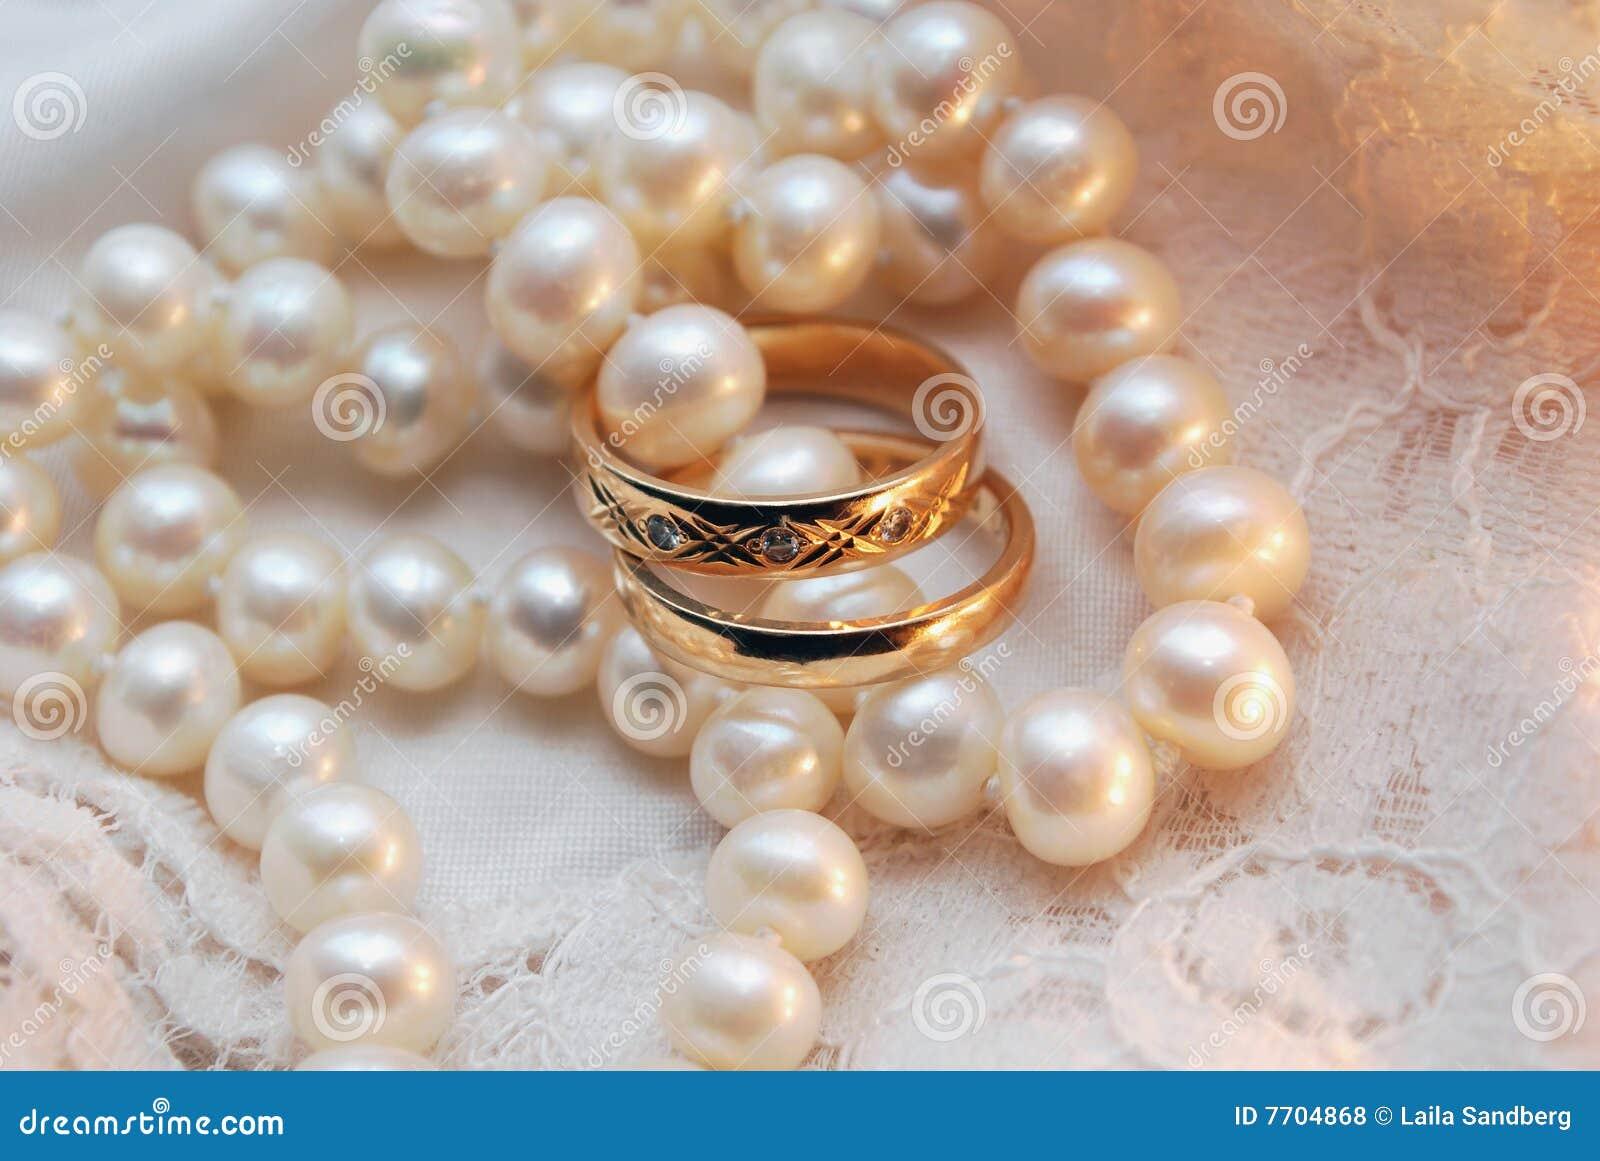 Поздравления с жемчужной свадьбой прикольные